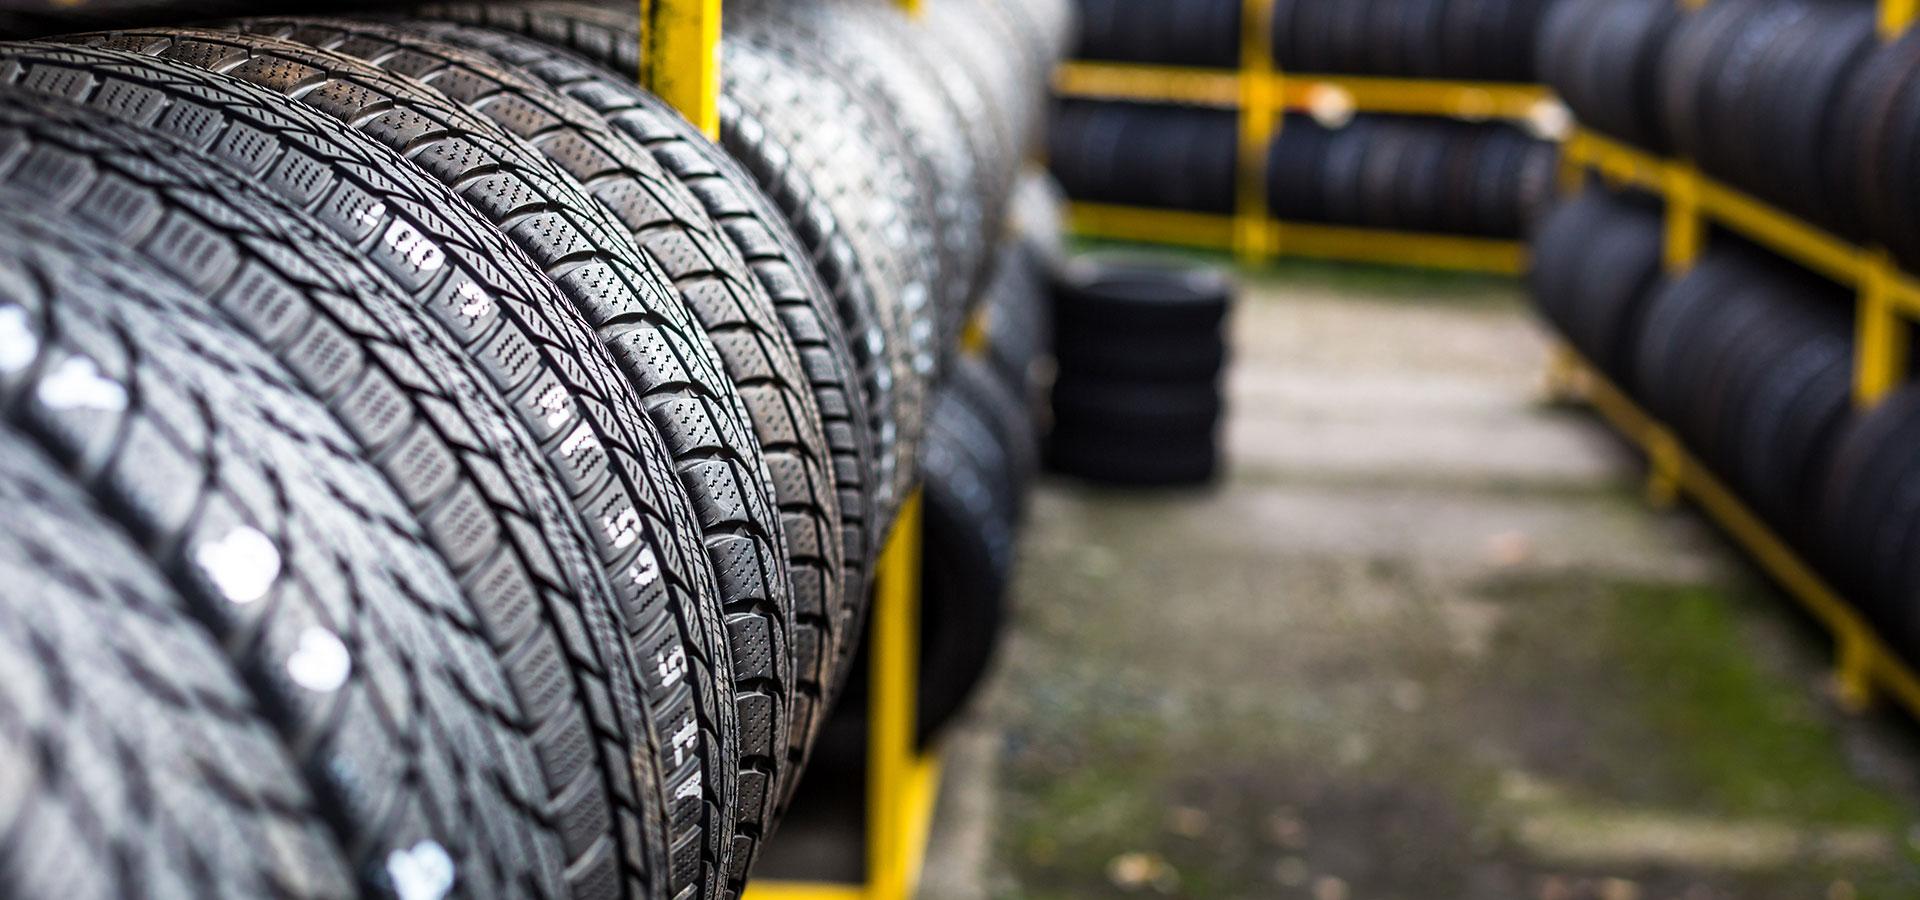 come conservare pneumatici senza cerchio